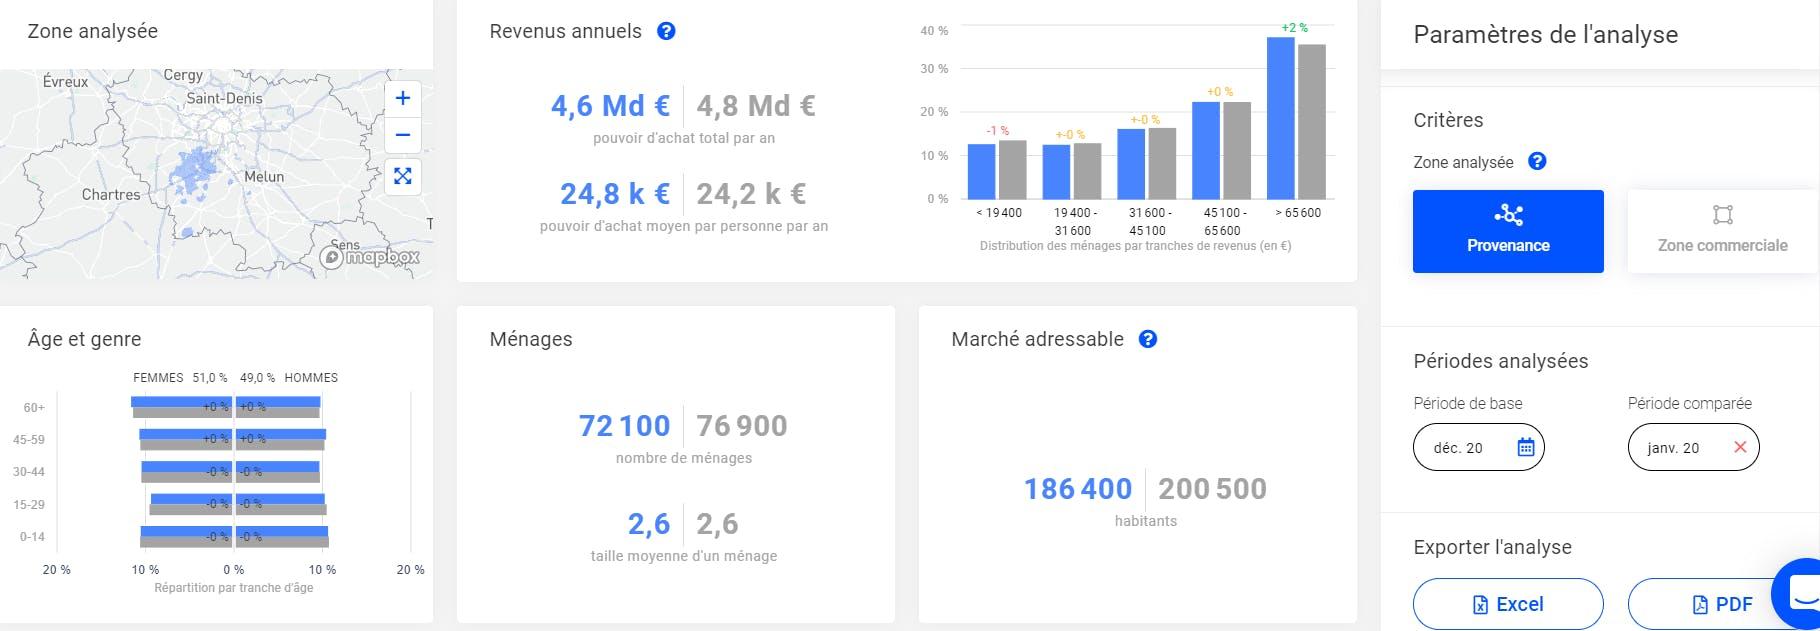 Evolution du profil sociodémographique d'un centre commercial francilien en 2020